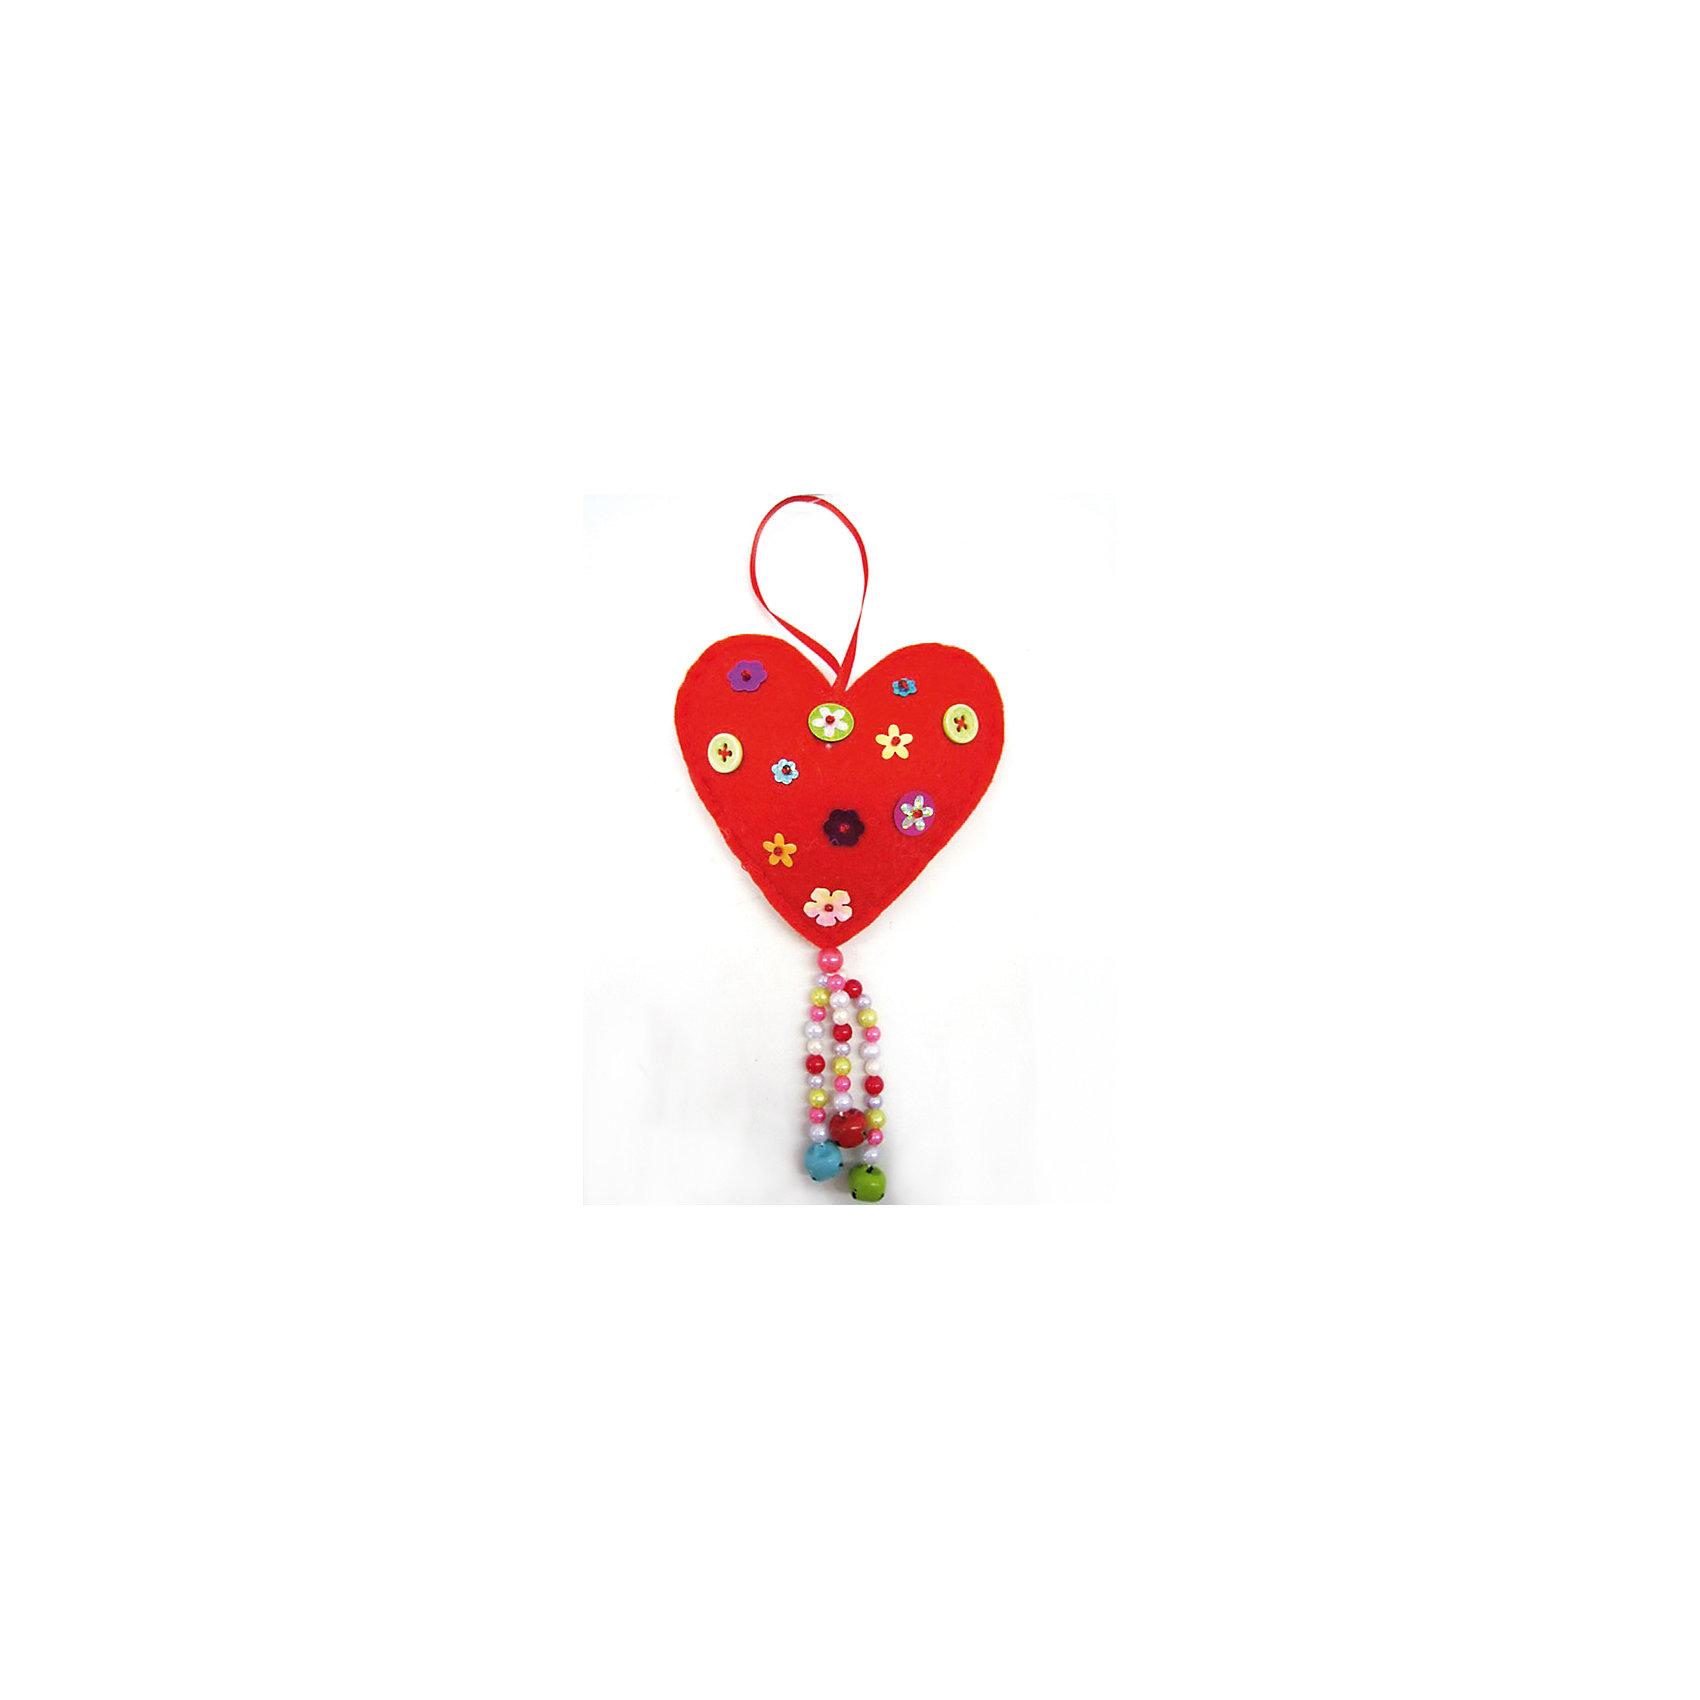 Украшение СердечкоНовинки Новый Год<br>Украшение Сердечко - этот новогодний аксессуар принесет в ваш дом волшебство и красоту праздника.<br>Украшение Сердечко прекрасно подойдет для праздничного декора дома и новогодней ели. Оригинальное украшение из полиэстера выполнено в виде сердечка и декорировано пуговицами и бусинами. С помощью петельки его можно подвесить в любое понравившееся место. Но, конечно же, удачнее всего такая игрушка будет смотреться на праздничной елке. Новогодние украшения приносят в дом волшебство и ощущение праздника. Создайте в своем доме атмосферу веселья и радости, украшая всей семьей новогоднюю елку нарядными игрушками, которые будут из года в год накапливать теплоту воспоминаний.<br><br>Дополнительная информация:<br><br>- Размер: 9,5 см.<br>- Цвет: красный<br>- Материал: полиэстер<br><br>Украшение Сердечко можно купить в нашем интернет-магазине.<br><br>Ширина мм: 20<br>Глубина мм: 130<br>Высота мм: 140<br>Вес г: 20<br>Возраст от месяцев: 36<br>Возраст до месяцев: 2147483647<br>Пол: Унисекс<br>Возраст: Детский<br>SKU: 4276421